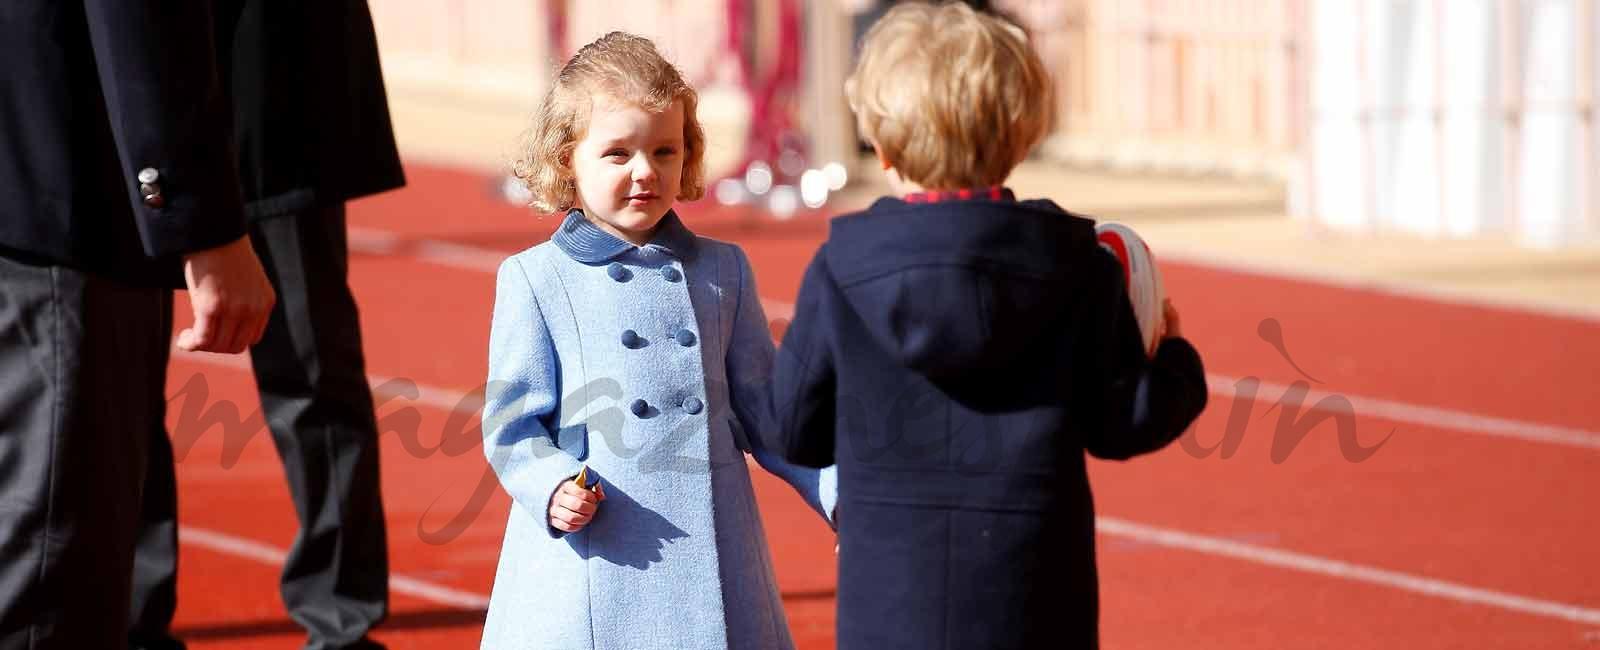 Los mellizos Gabriella y Jacques de Mónaco roban el protagonismo a sus papás